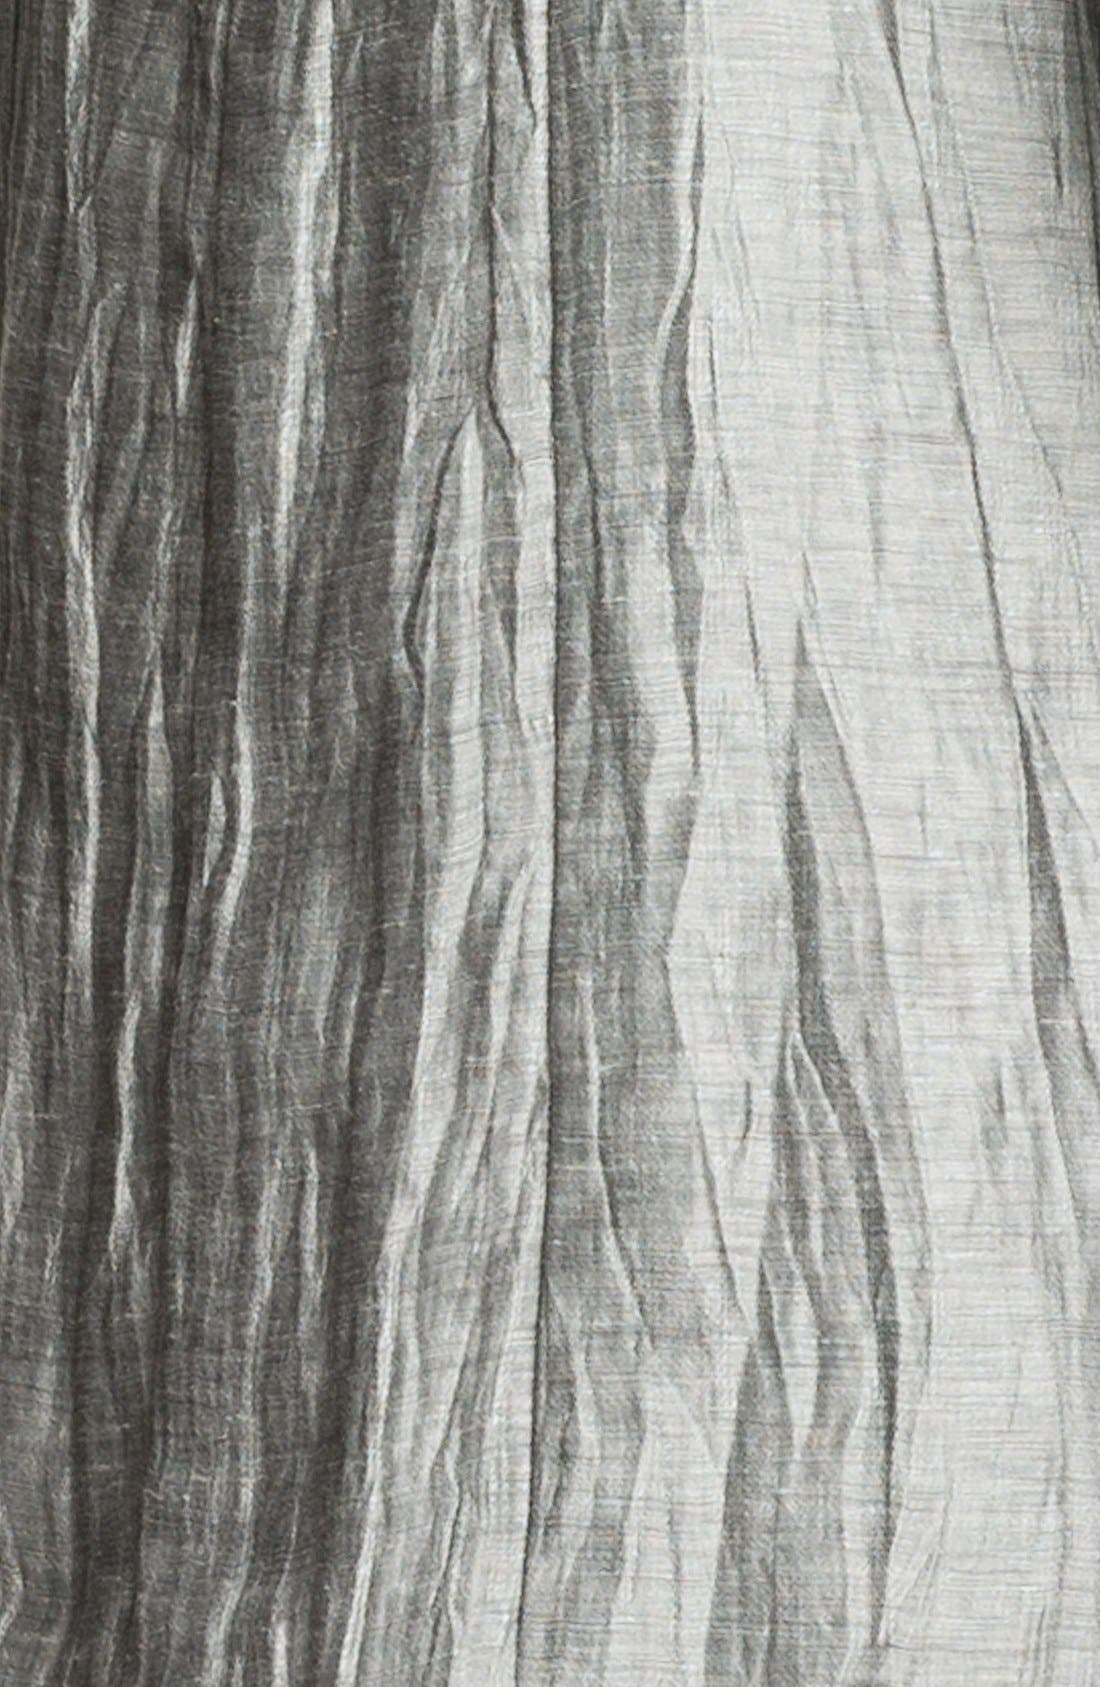 Alternate Image 3  - Eileen Fisher Crinkled Linen Jacket (Petite)